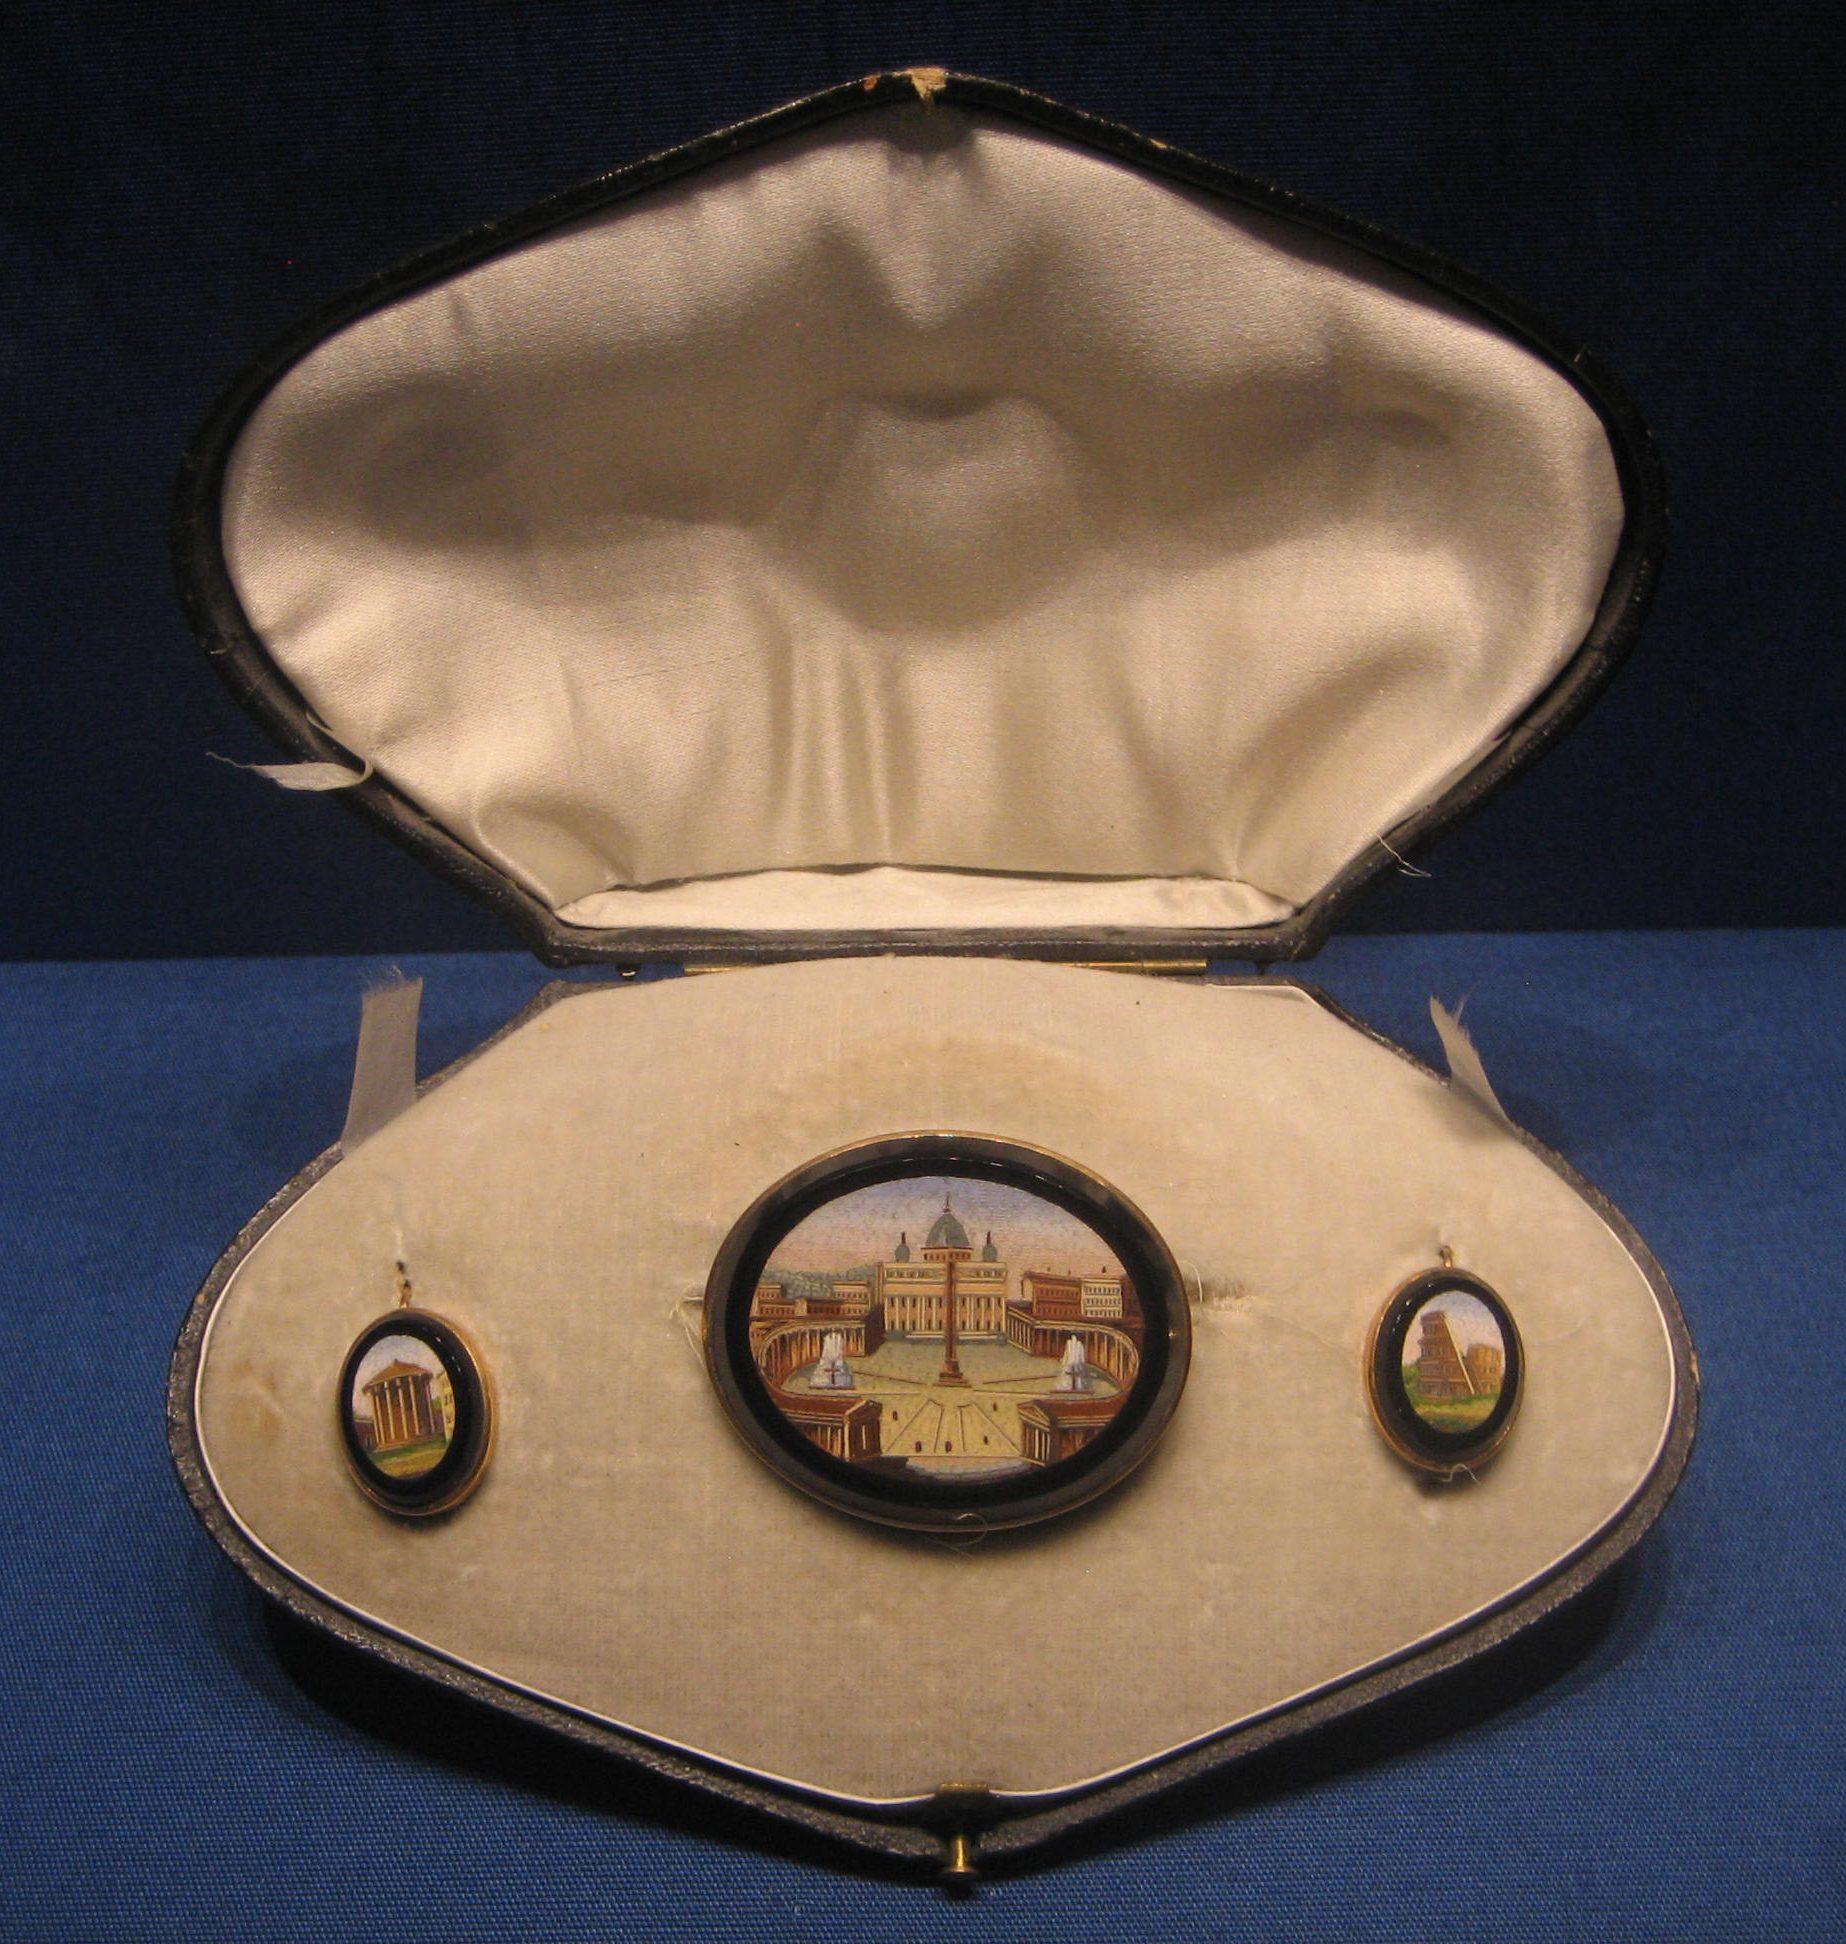 Broche en oorsieraden in foedraal, circa 1859. Schmuckmuseum Pforzheim. Foto Esther Doornbusch, mei 2019, micromozaïek